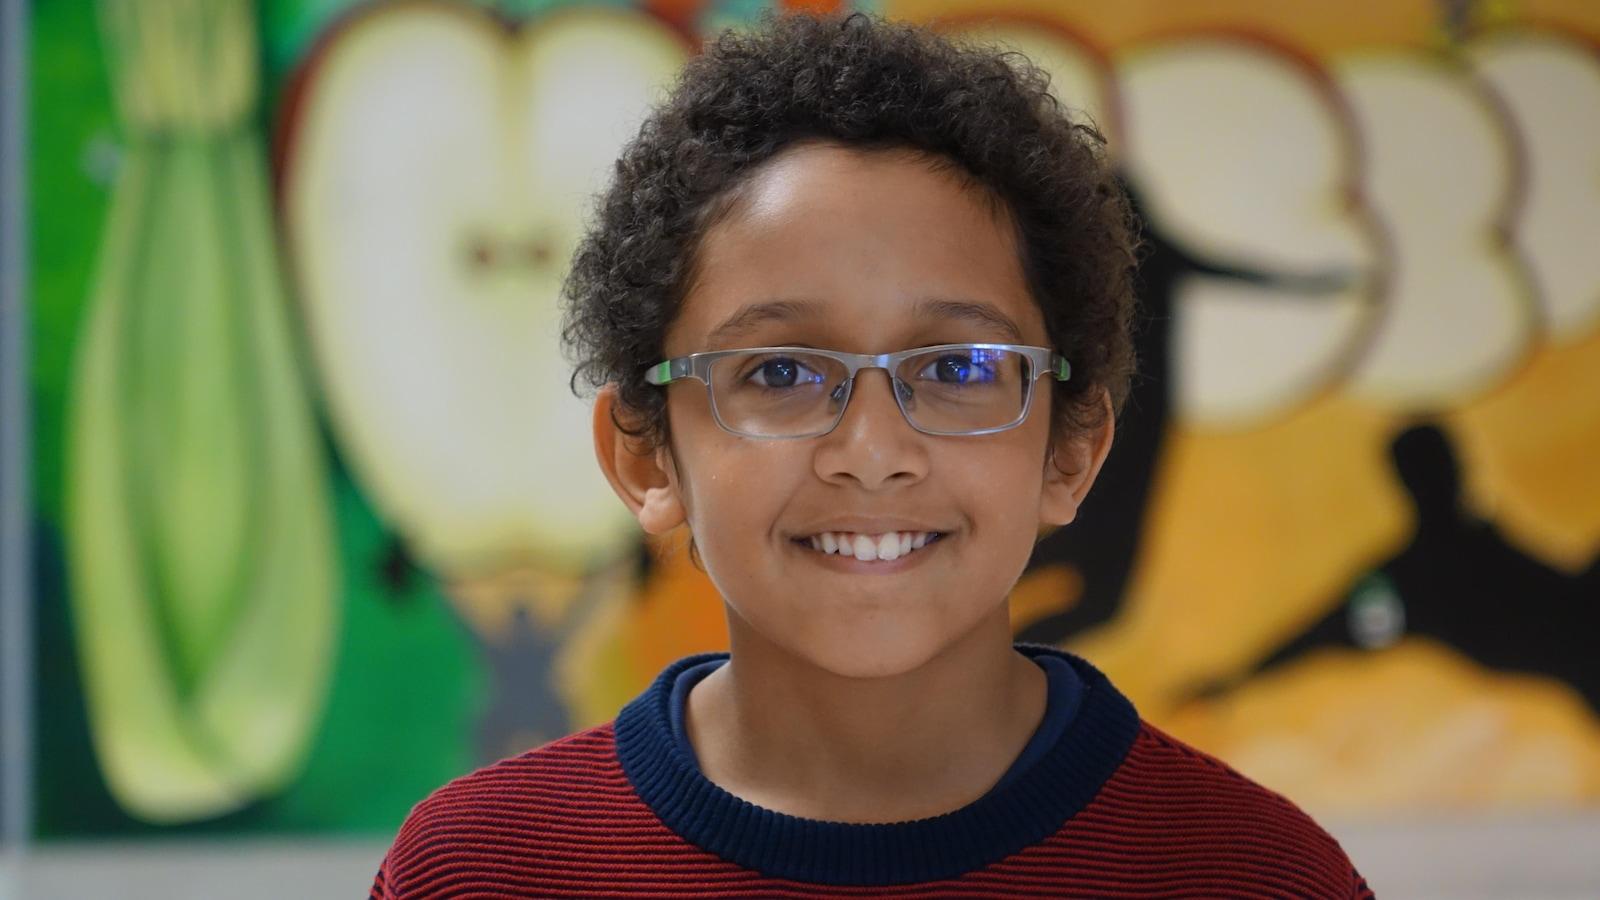 Un petit garçon portant des lunettes sourit à la caméra.